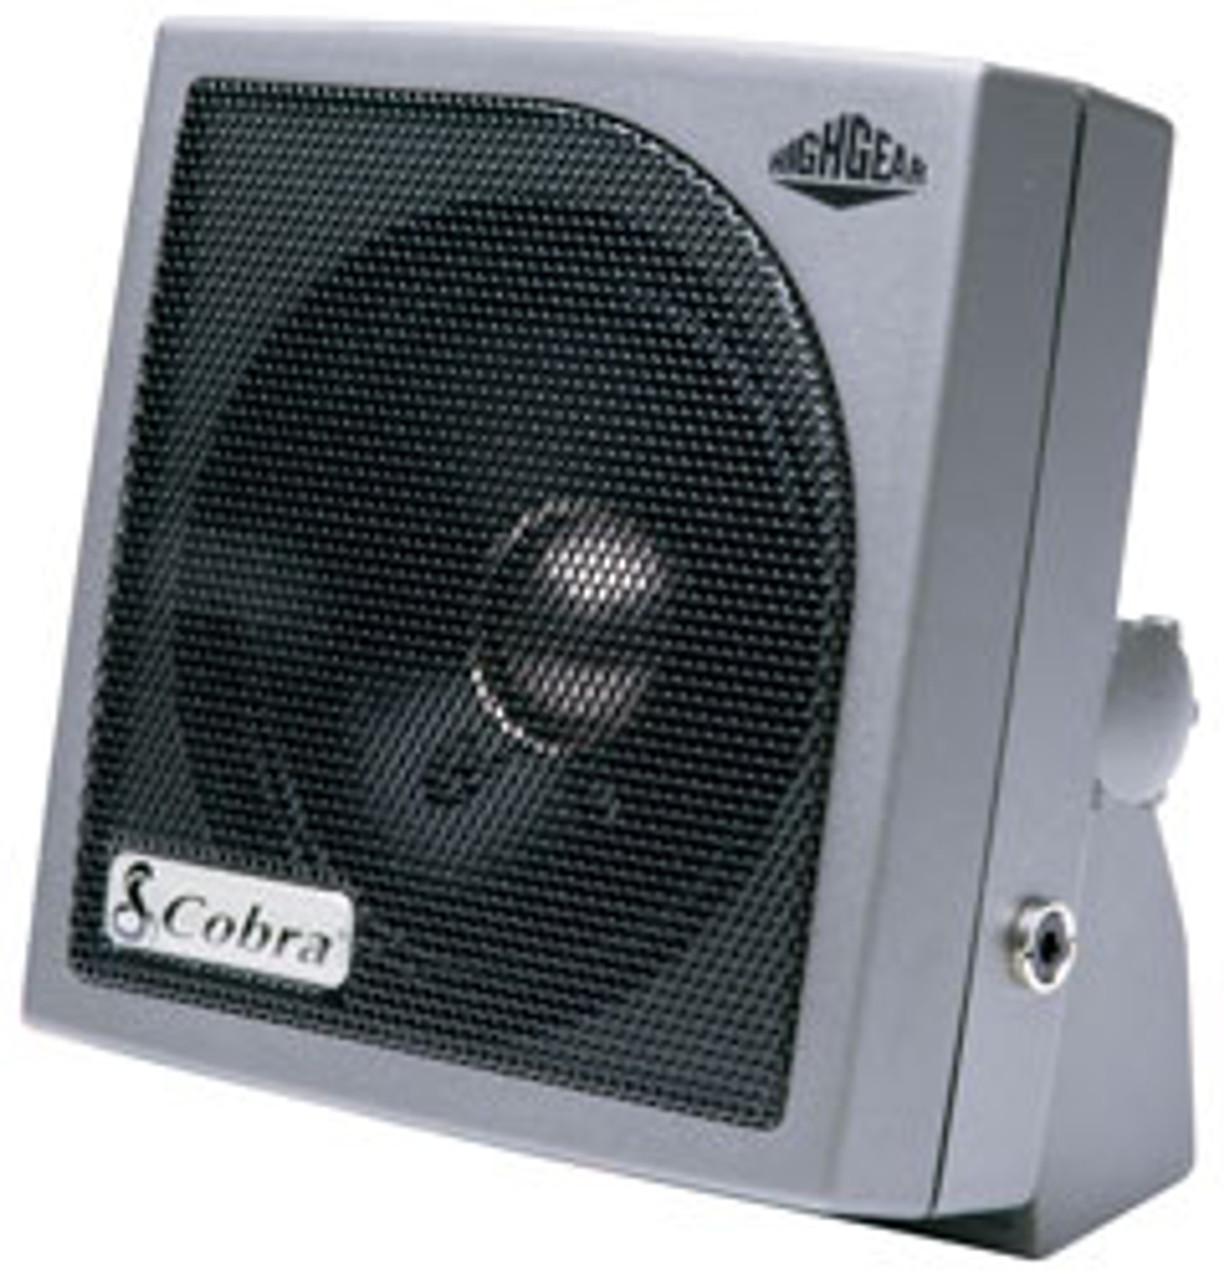 Cobra HGS-100 Extension Speaker